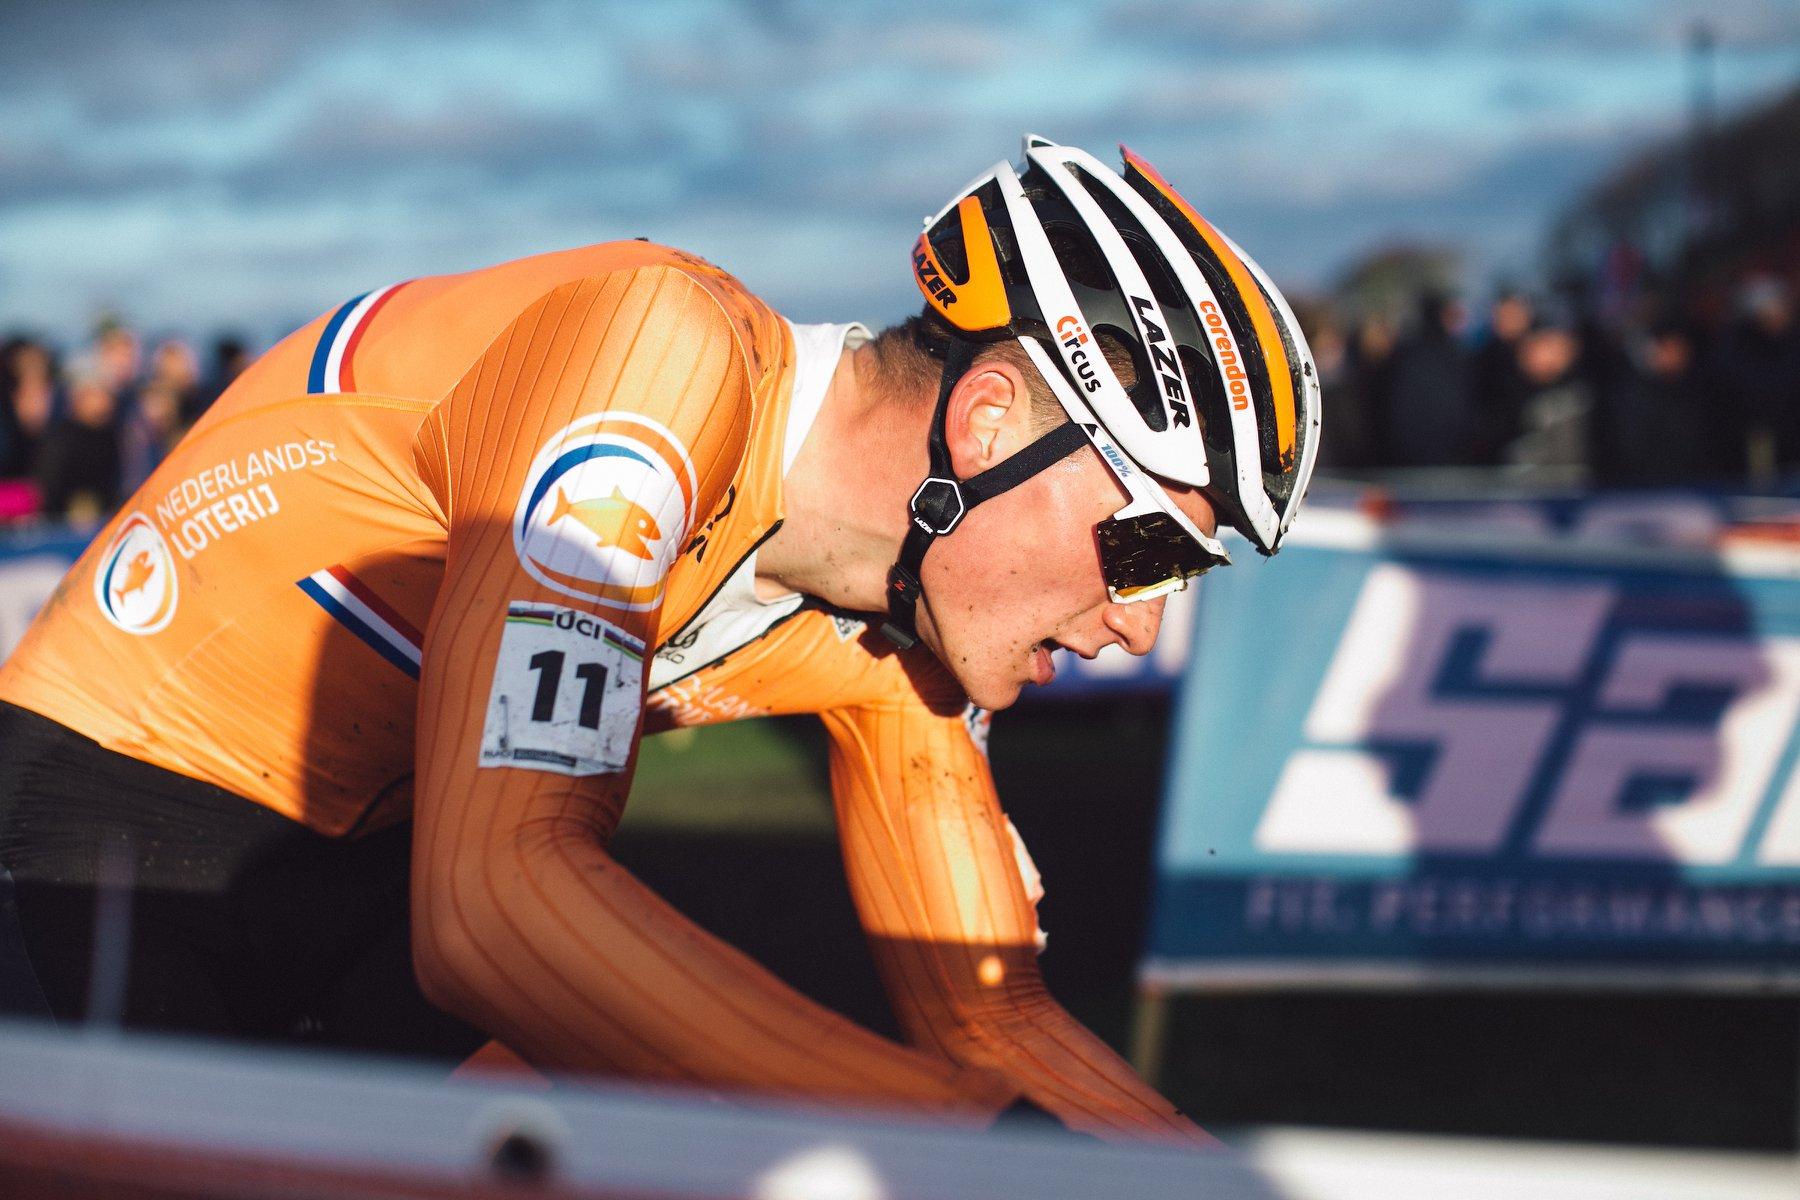 Mistrzostwa Świata w kolarstwie przełajowym – Bogense, Dania [wyniki]